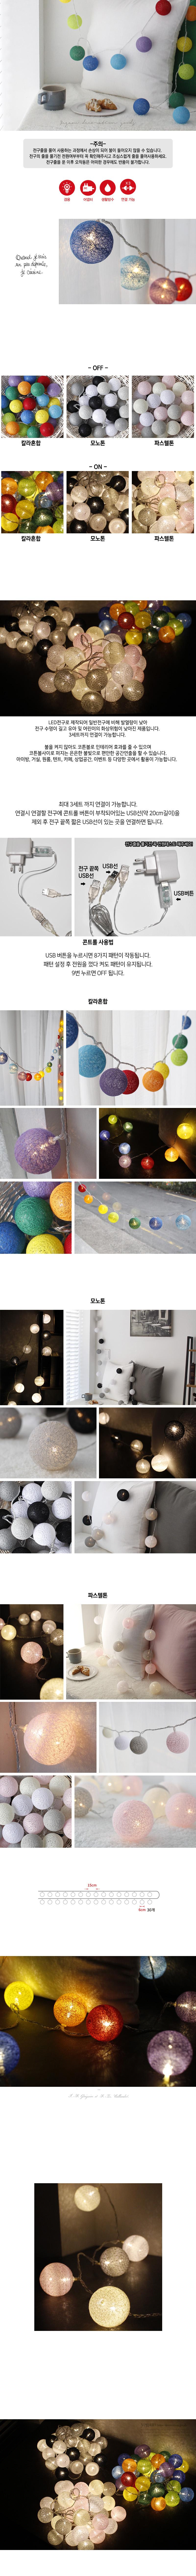 코튼볼 조명30P (아답타용-연결가능) - 3color - 체리하우스, 29,000원, 조명, 크리스마스조명